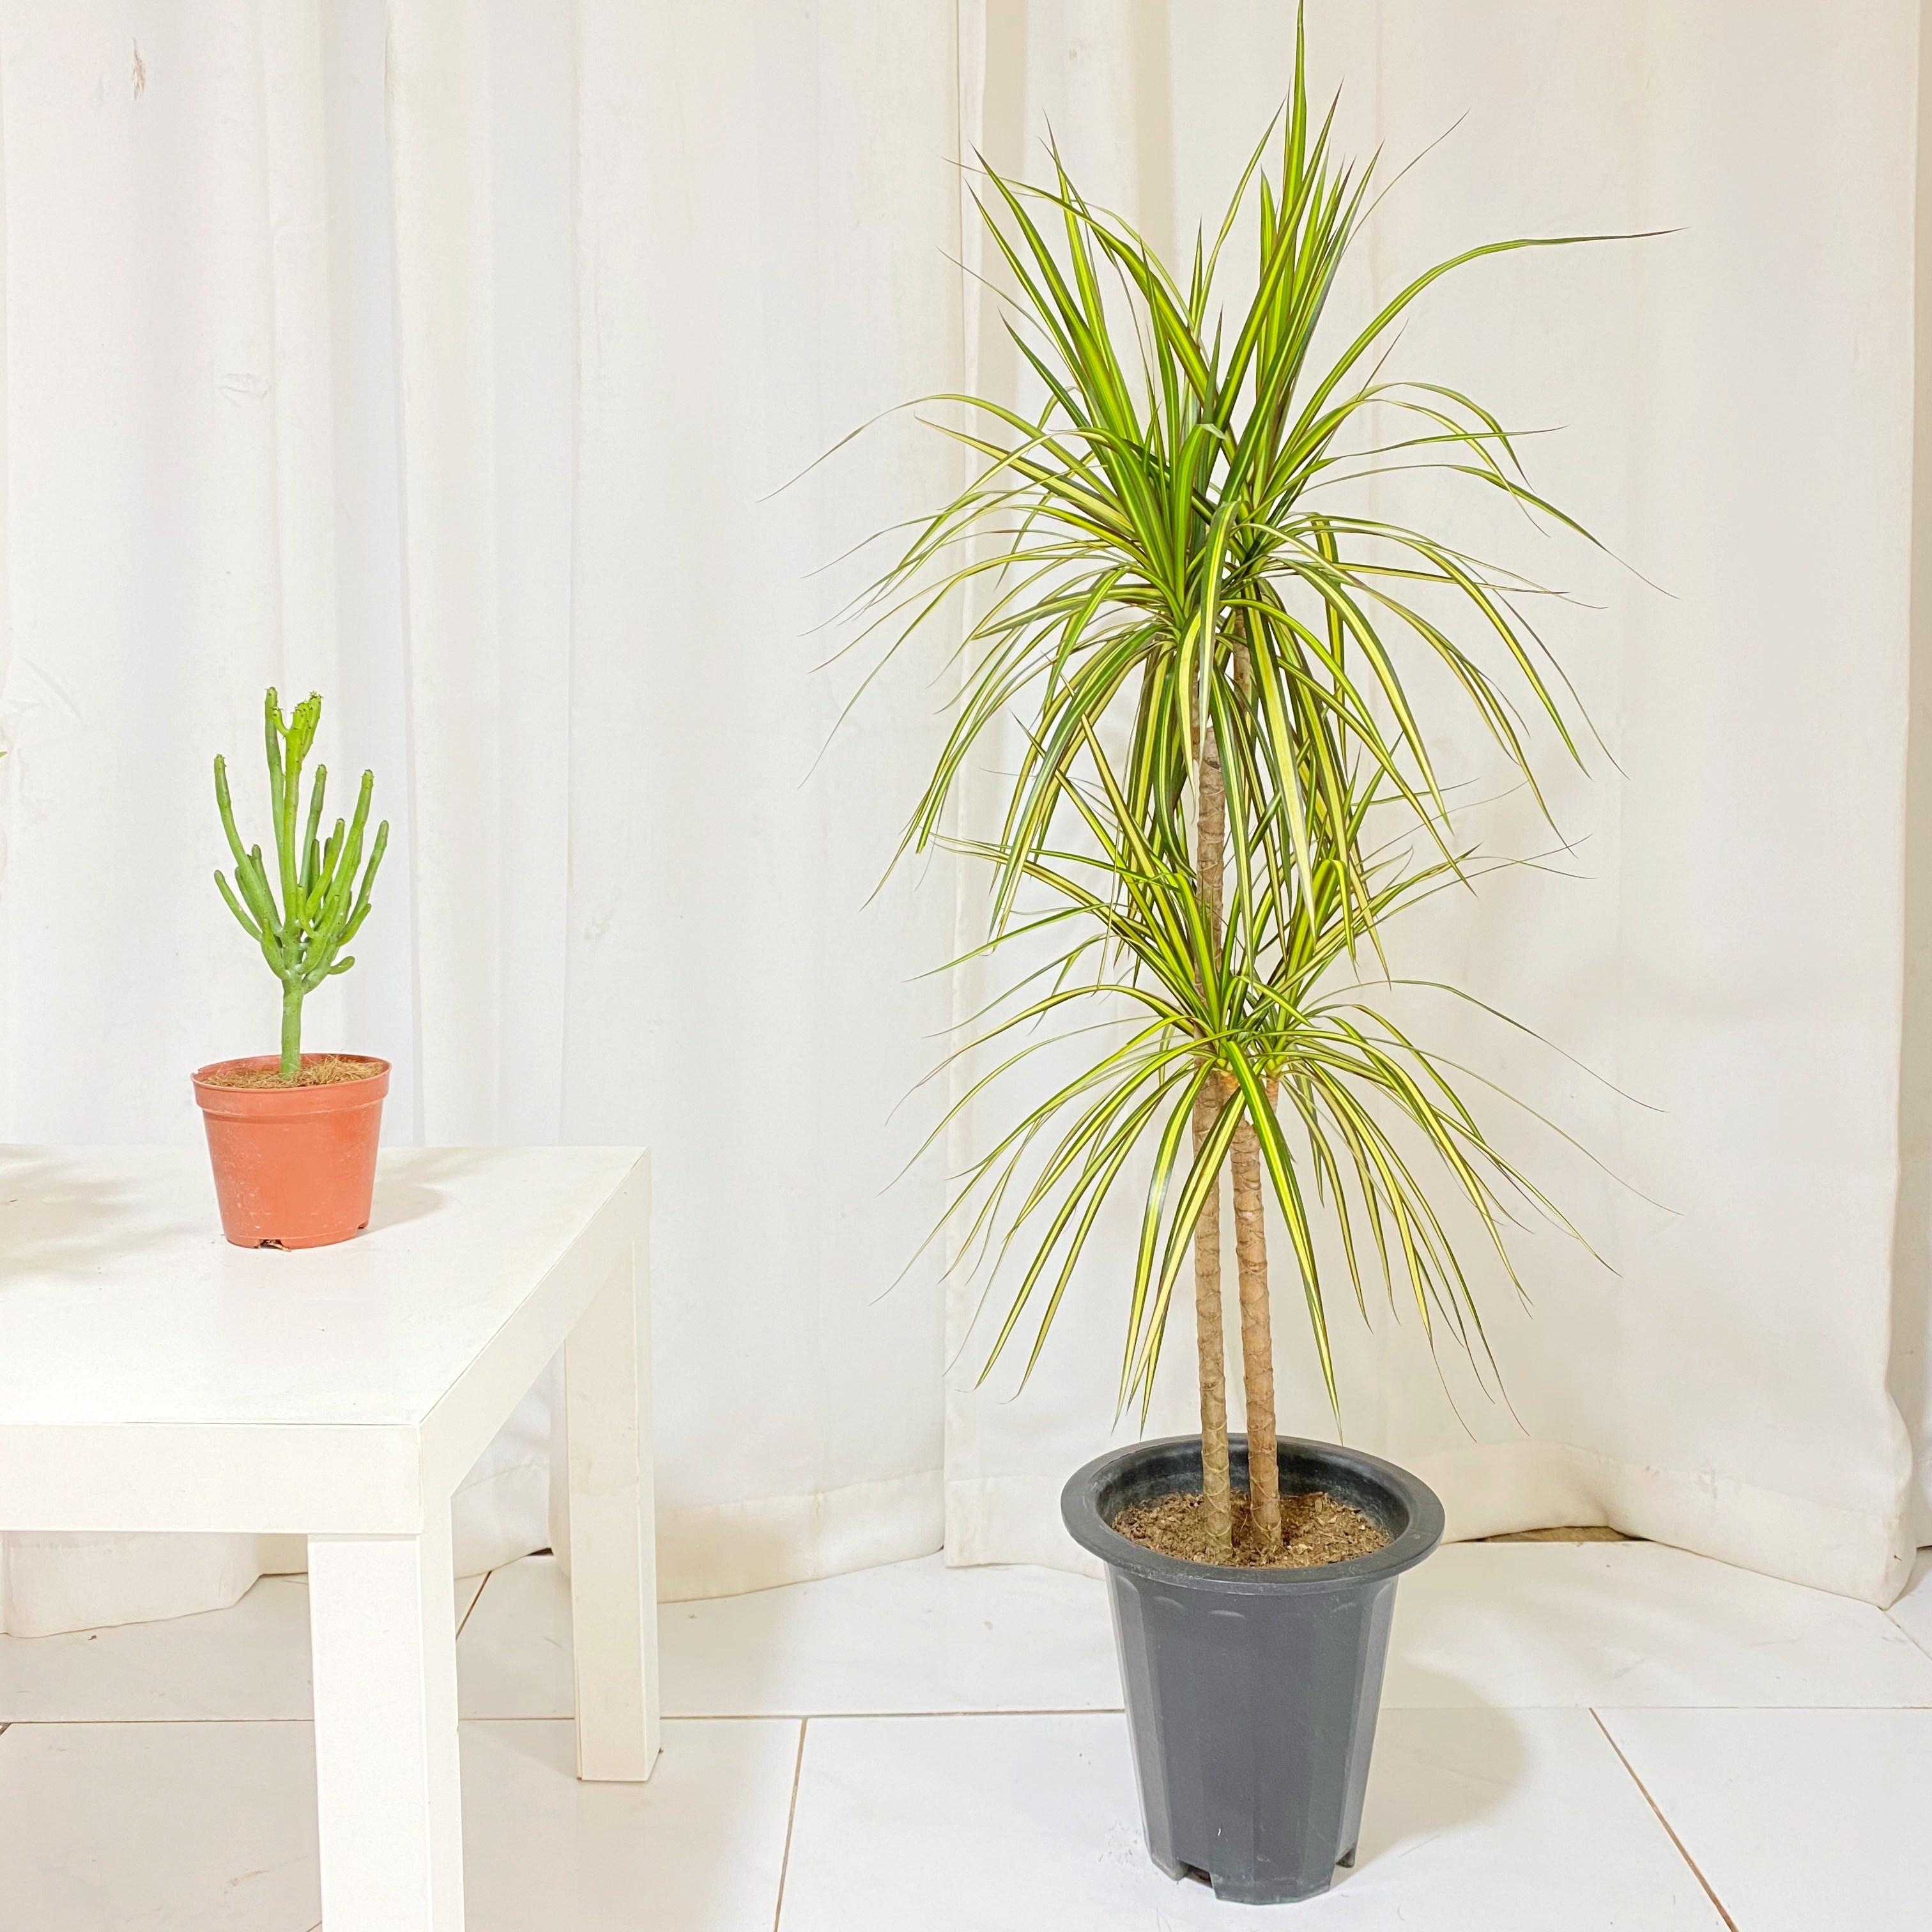 청년농부 노랑 드라세라 마지나타 나무 식물 중형식물 인테리어식물